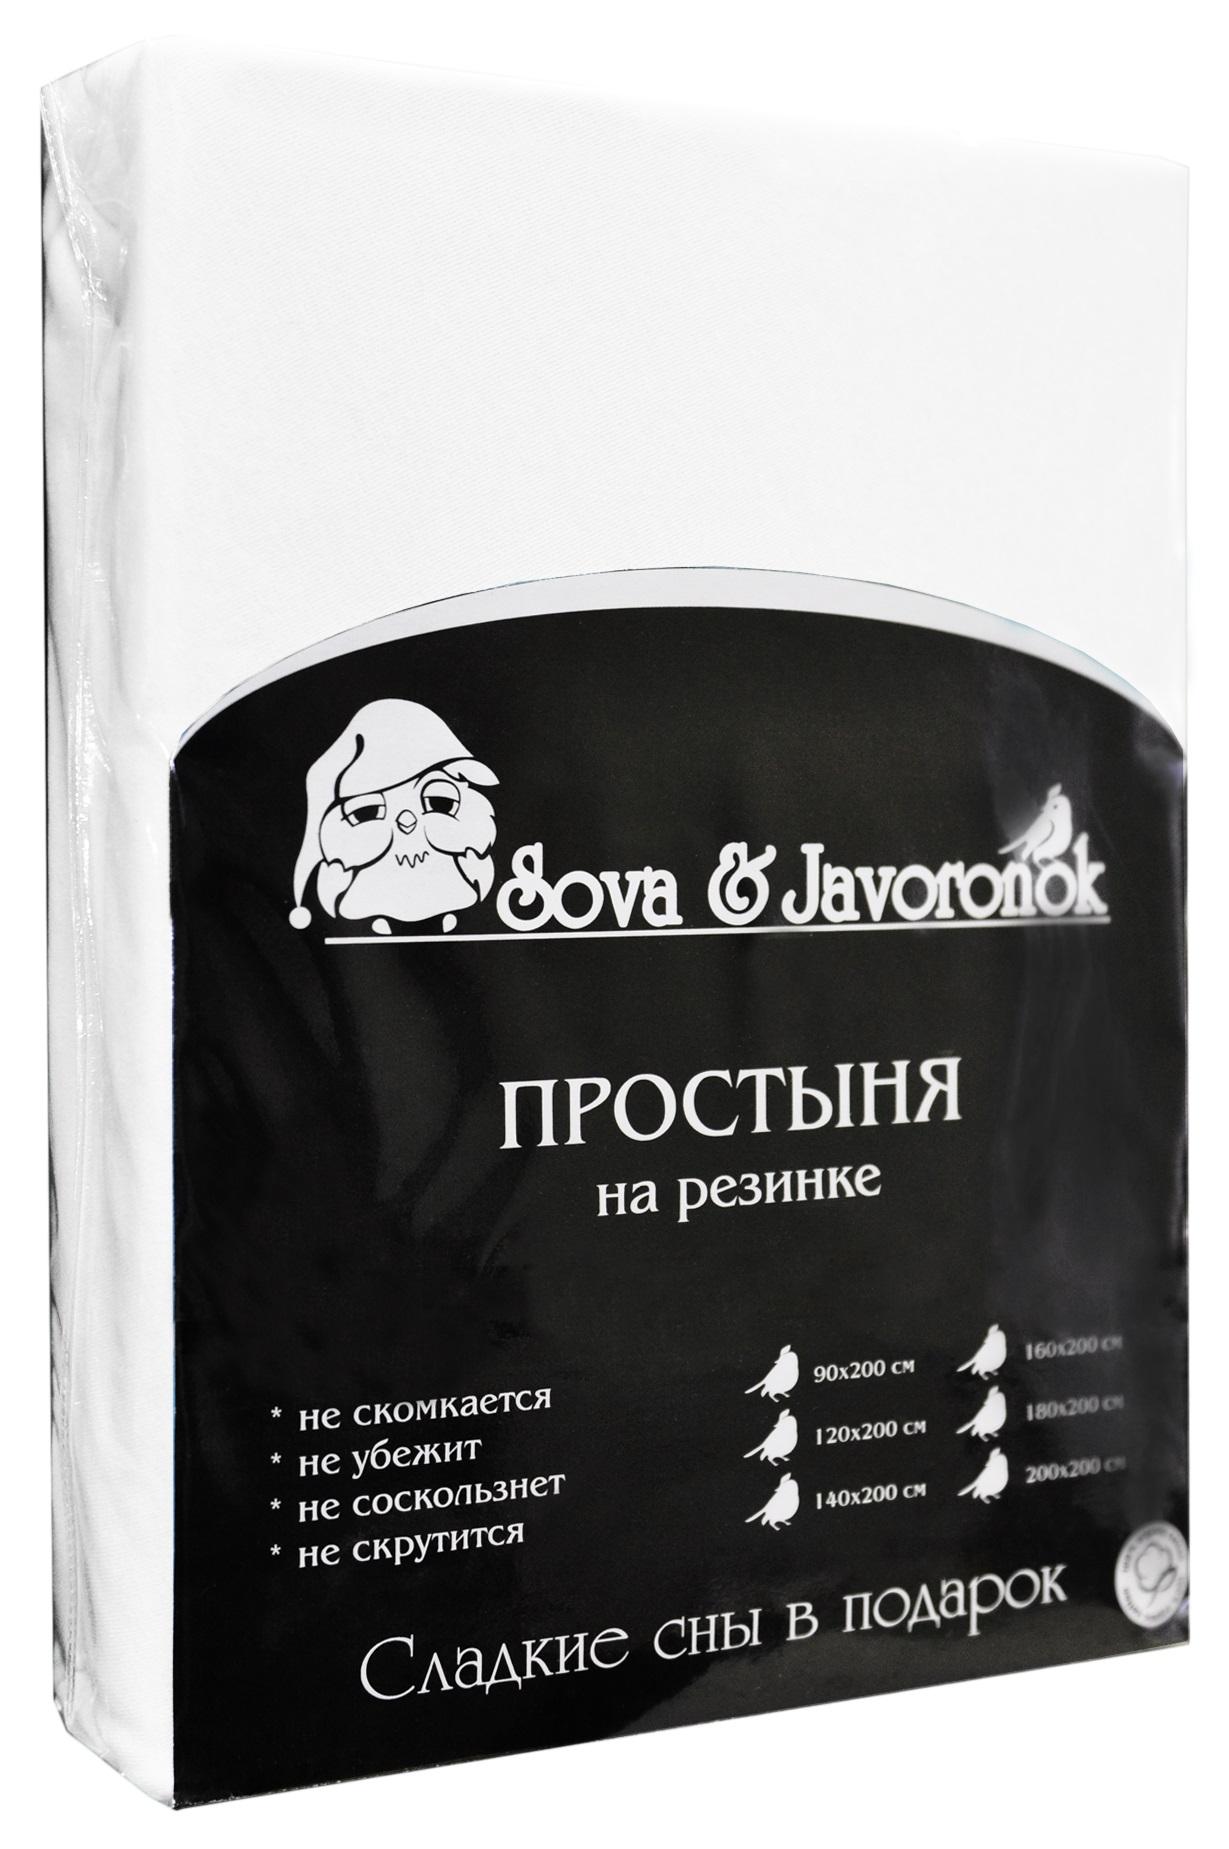 Простыня на резинке Sova & Javoronok, цвет: белый, 180 х 200 см0803113930Простыня на резинке Sova & Javoronok, изготовленная из трикотажной ткани (100% хлопок), будет превосходно смотреться с любыми комплектами белья. Хлопчатобумажный трикотаж по праву считается одним из самых качественных, прочных и при этом приятных на ощупь. Его гигиеничность позволяет использовать простыню и в детских комнатах, к тому же 100%-ый хлопок в составе ткани не вызовет аллергии. У трикотажного полотна очень интересная структура, немного рыхлая за счет отсутствия плотного переплетения нитей и наличия особых петель, благодаря этому простыня Сова и Жаворонок отлично пропускает воздух и способствует его постоянной циркуляции. Поэтому ваша постель будет всегда оставаться свежей. Но главное и, пожалуй, самое известное свойство трикотажа - это его великолепная растяжимость, поэтому эта ткань и была выбрана для натяжной простыни на резинке. Простыня прошита резинкой по всему периметру, что обеспечивает более комфортный отдых, так как она прочно удерживается на матрасе и...